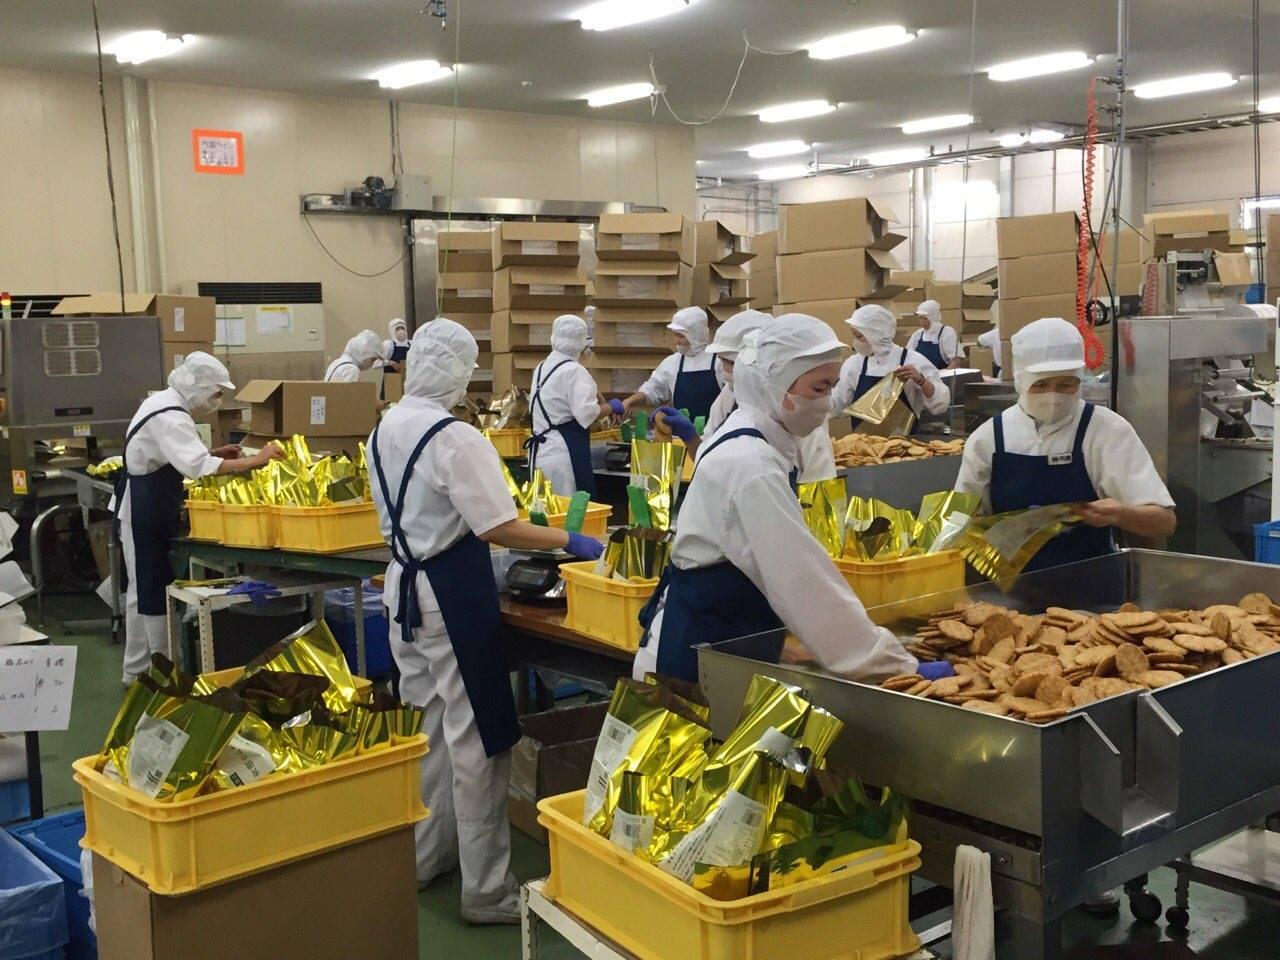 Đơn hàng xuất khẩu lao động Nhật Bản dành cho cặp vợ chồng